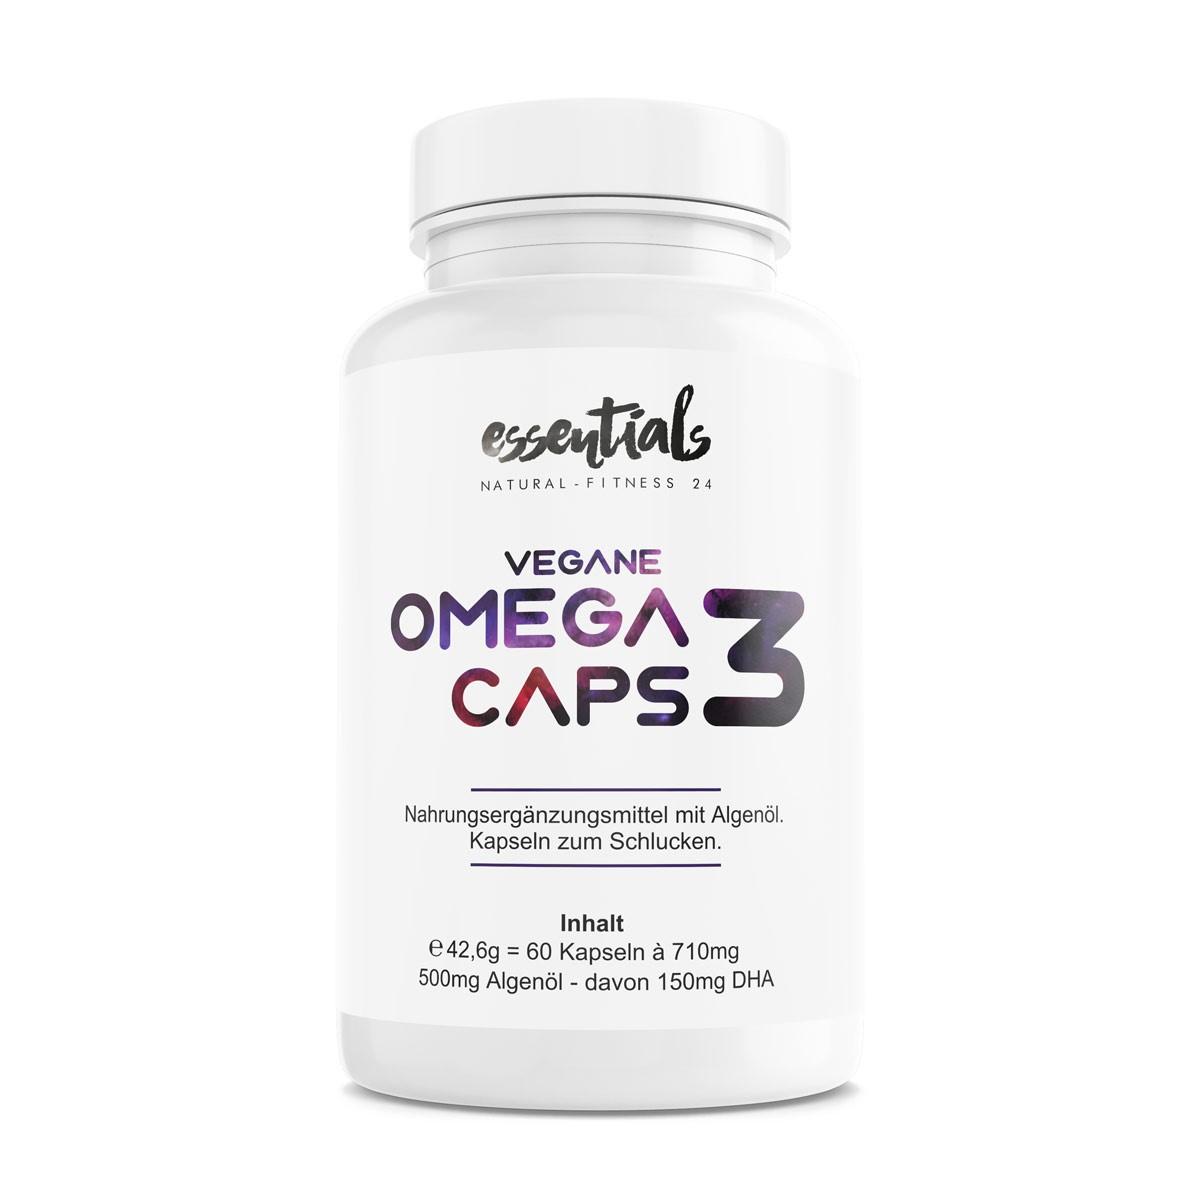 Vegane Omega 3 Kapseln